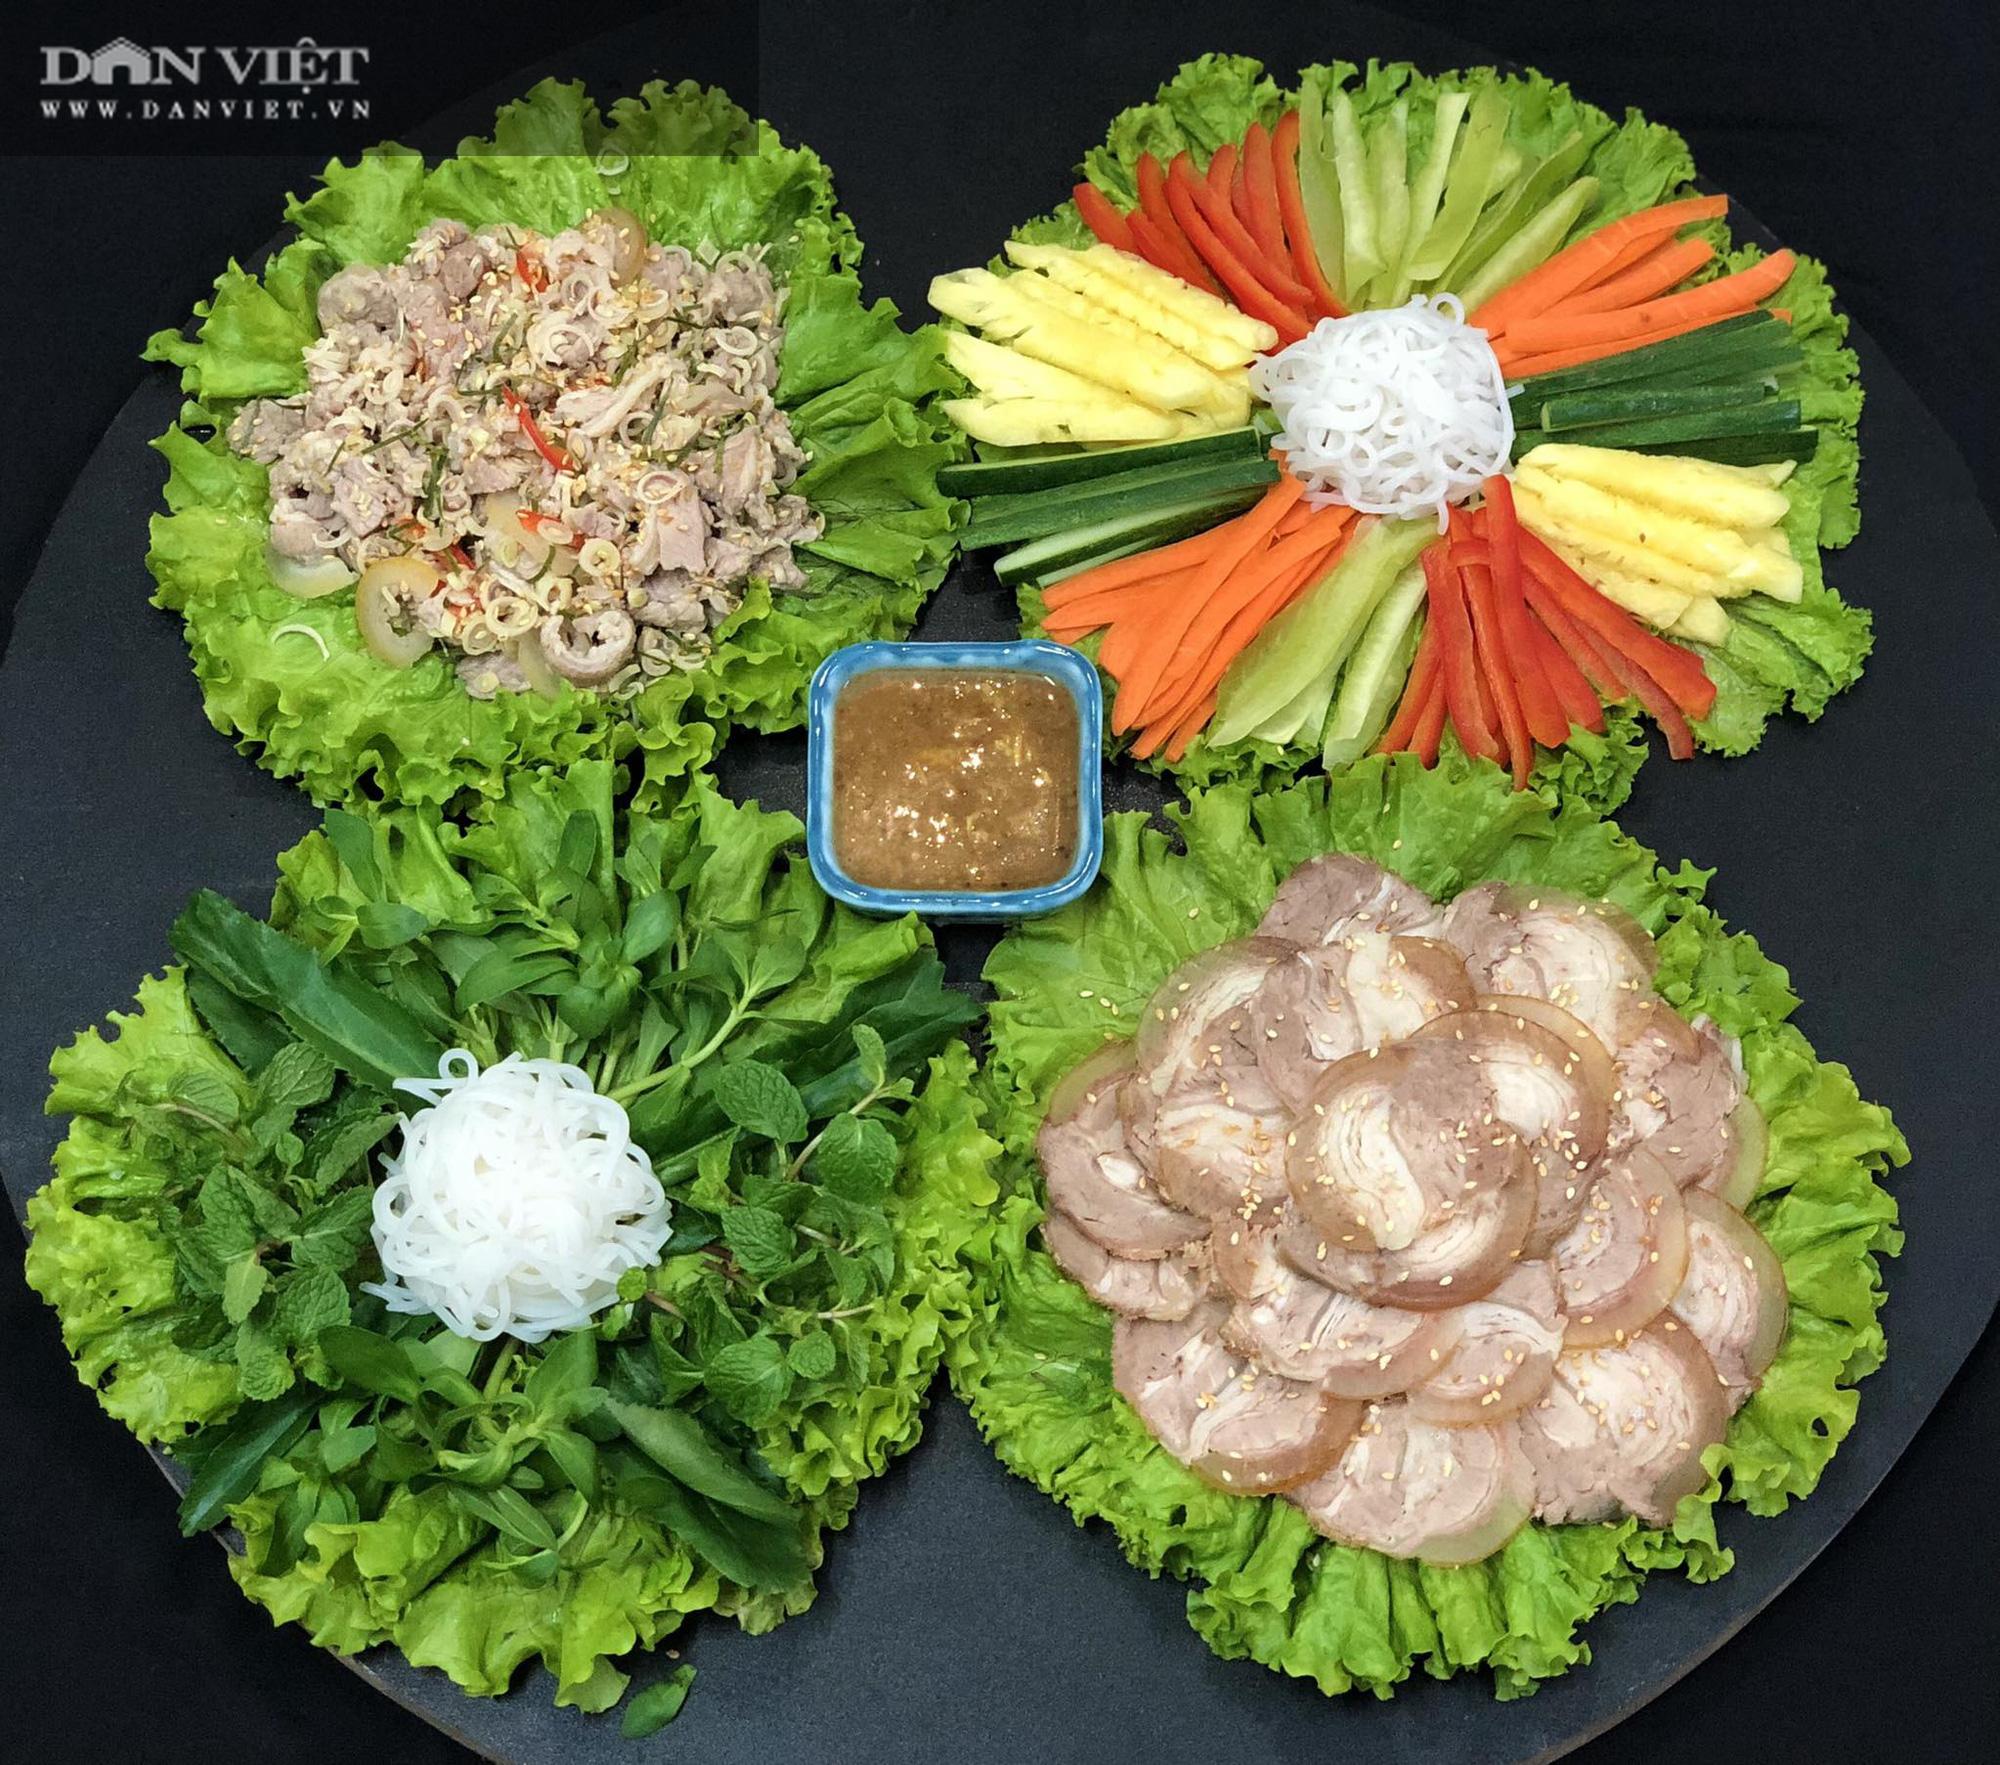 Mẹ đảm Hà thành gợi ý thực đơn cơm nhà đẹp mắt, đủ dinh dưỡng - Ảnh 5.